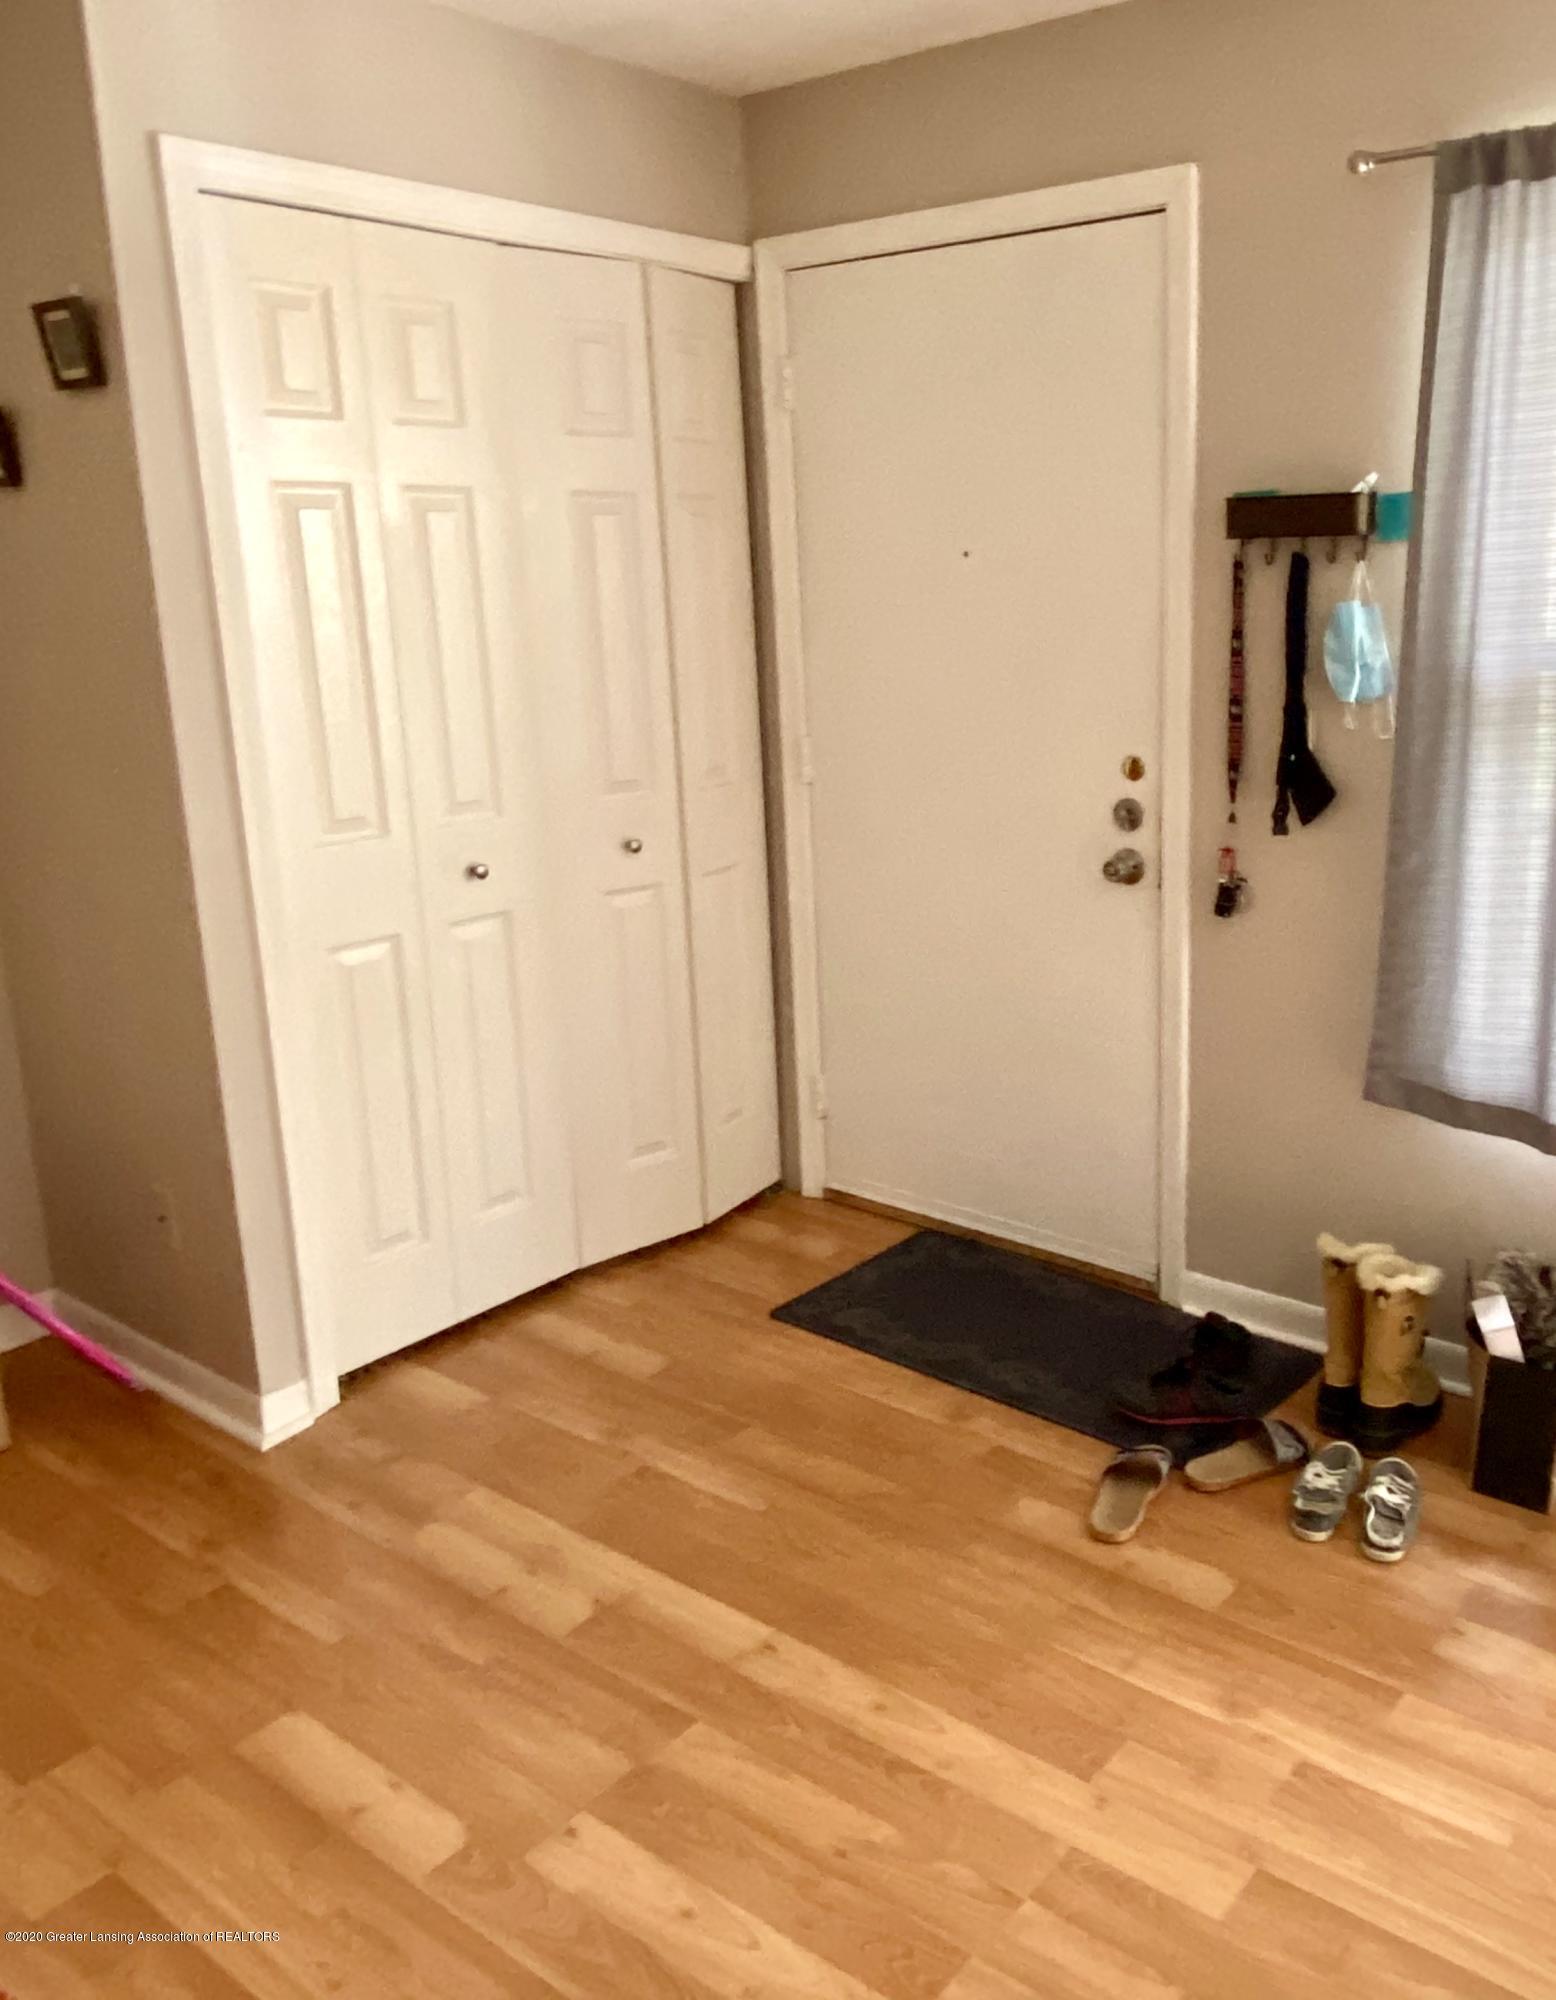 2024 Hamilton Rd 204 - Coat Closet off front door - 10